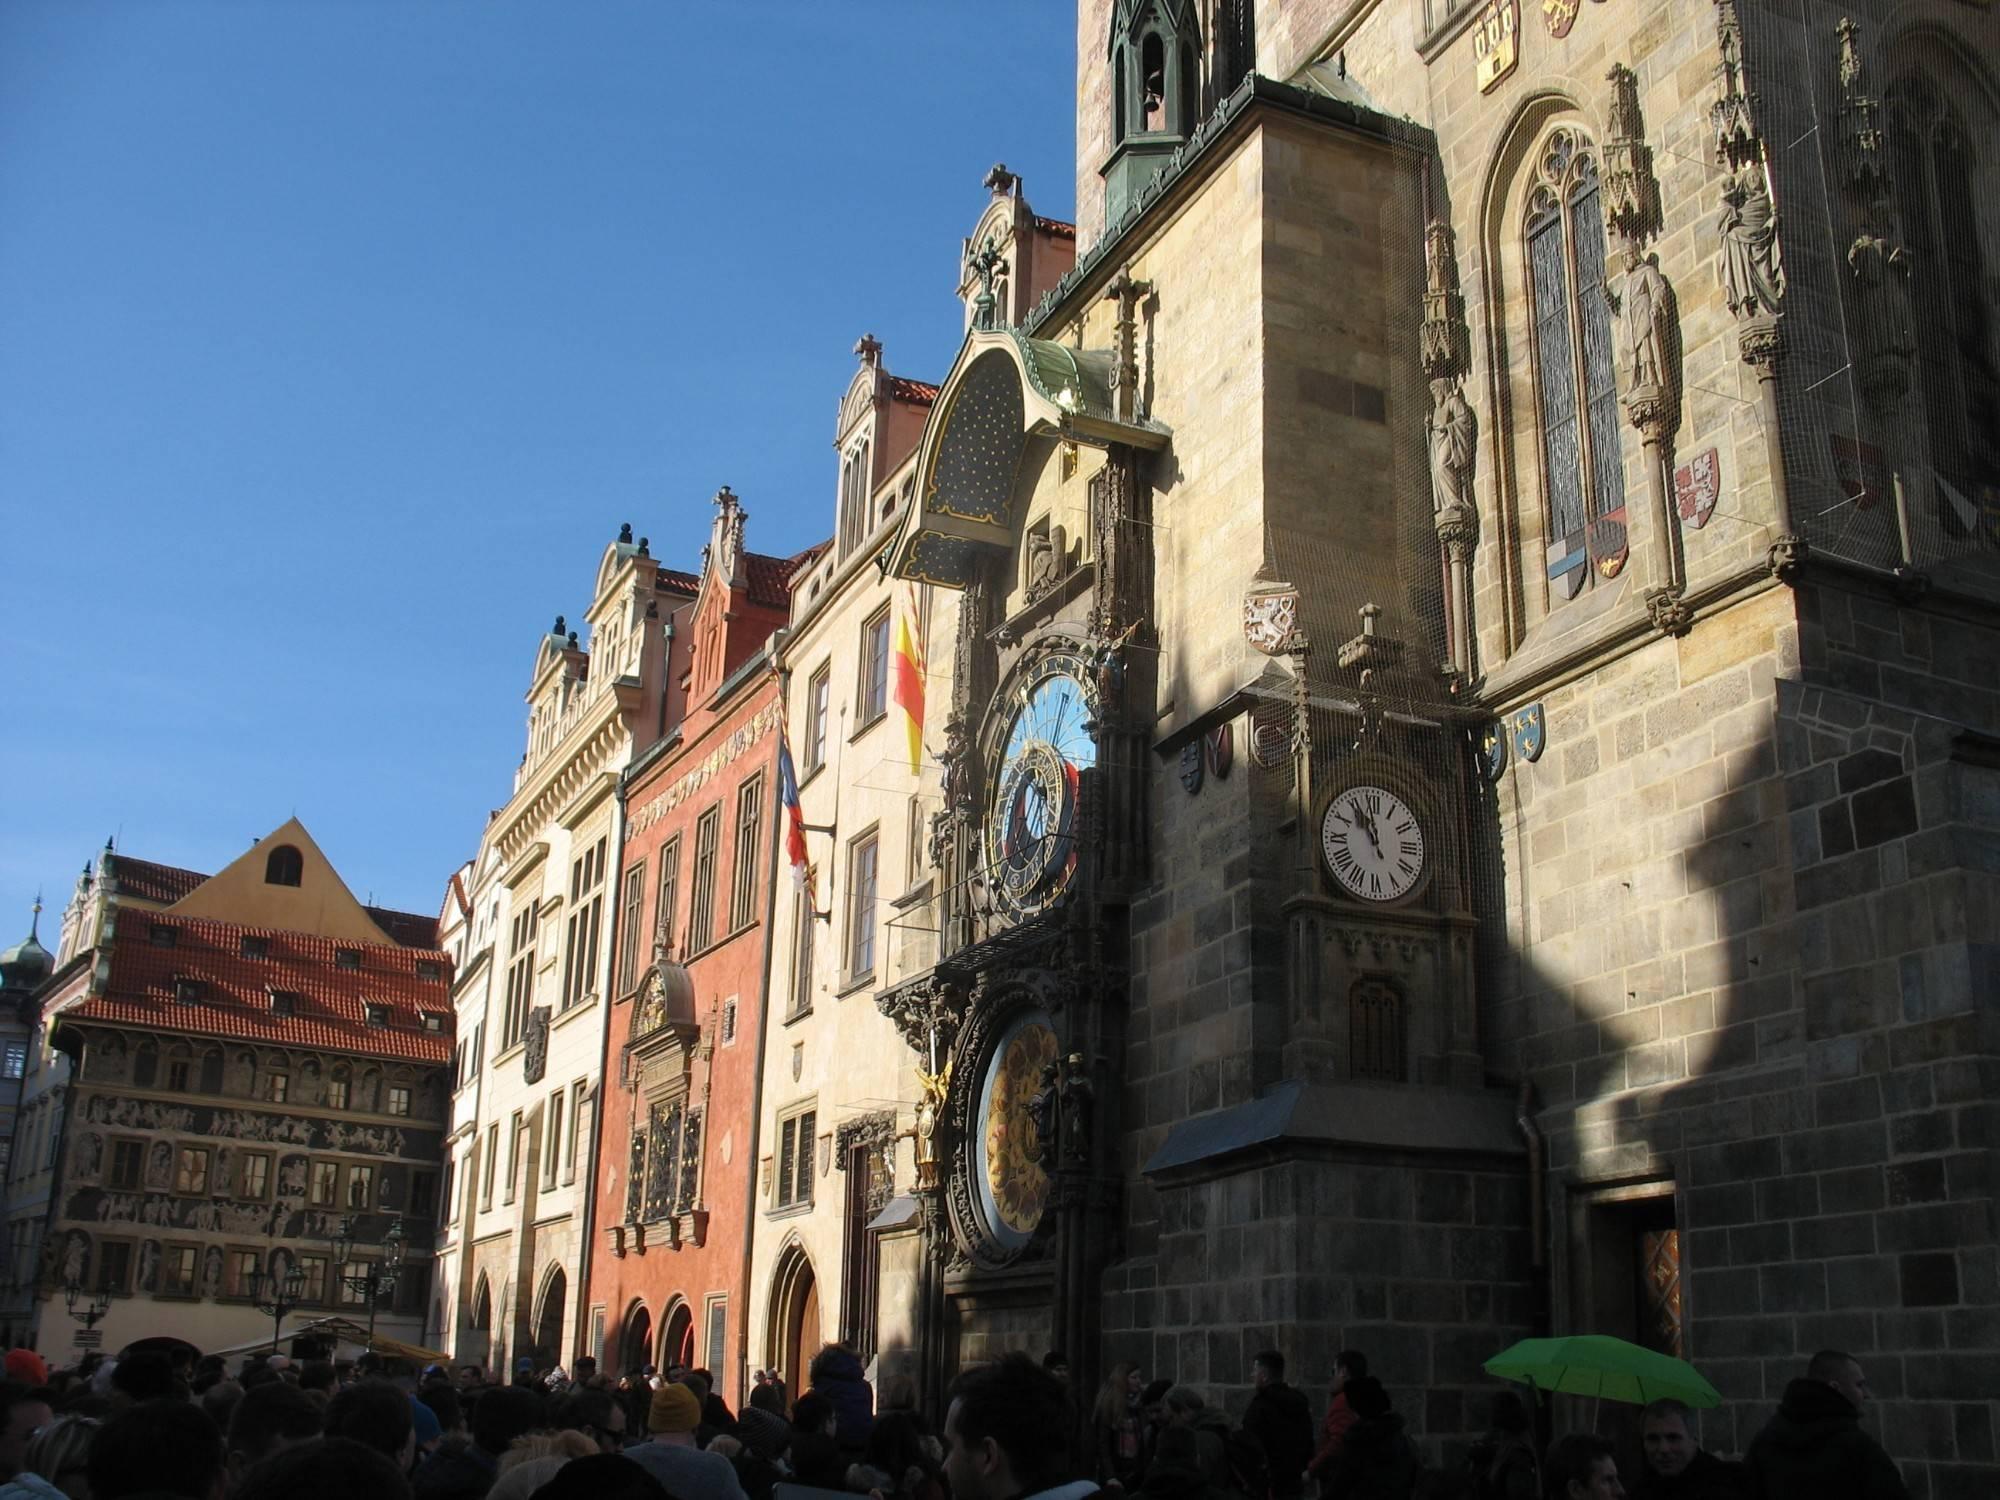 Готическая архитектура чехии — википедия. что такое готическая архитектура чехии